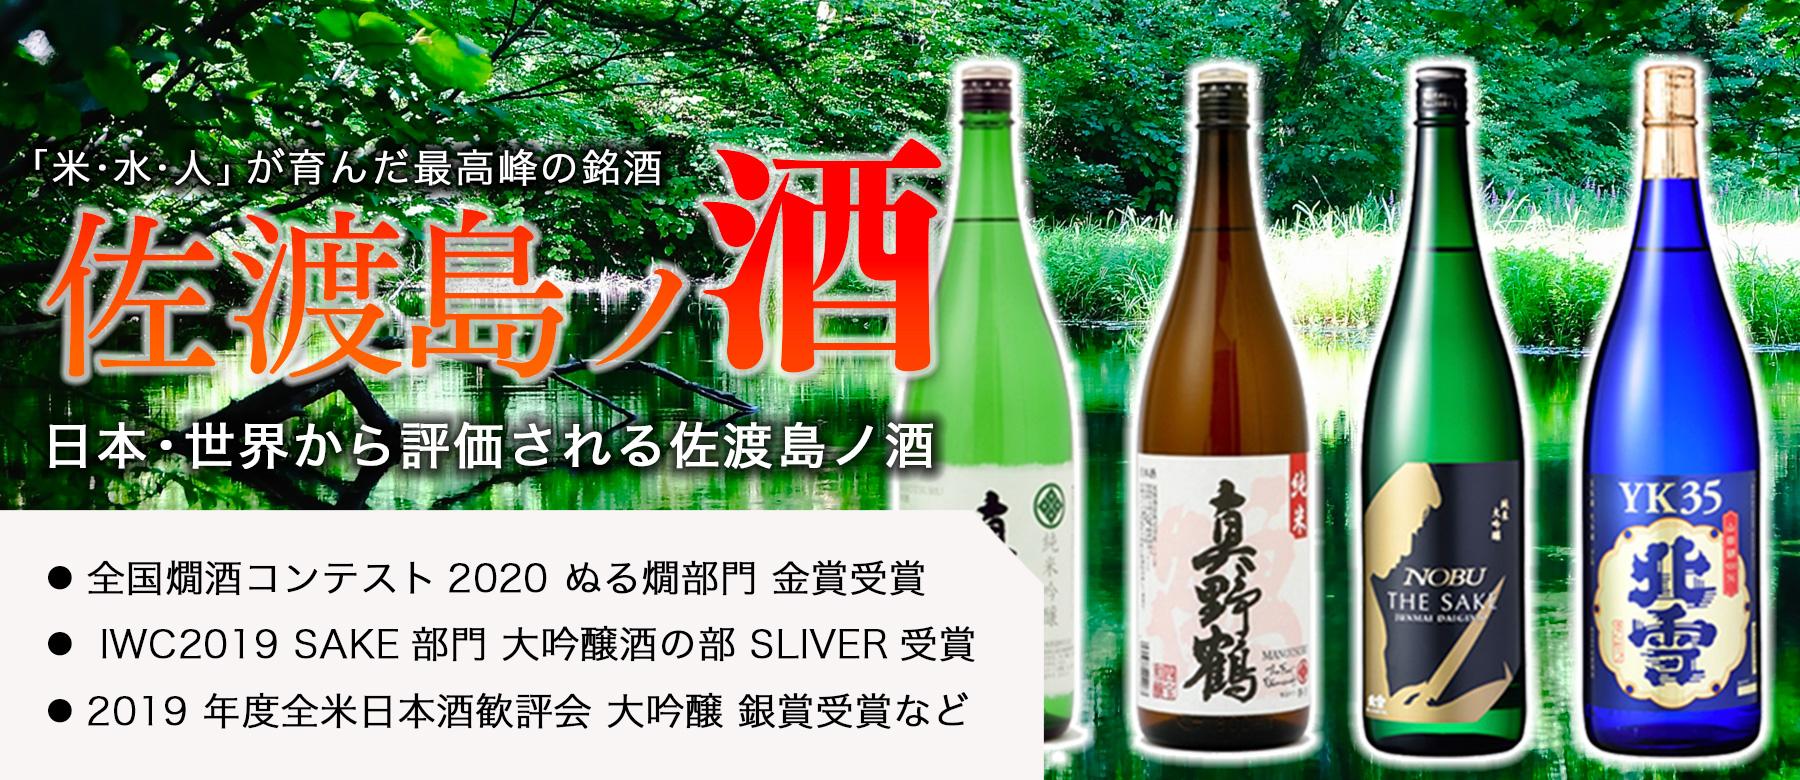 【日本酒】【コンテスト】佐渡島ノ酒 紹介